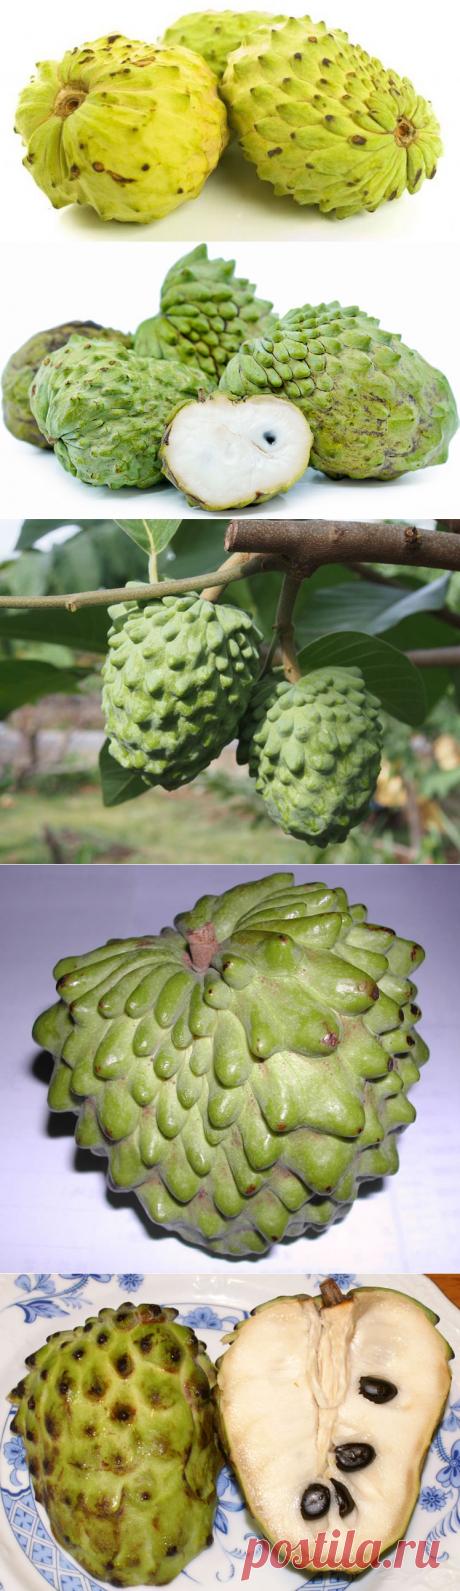 Самые необыкновенные фрукты со всего мира (часть 20)